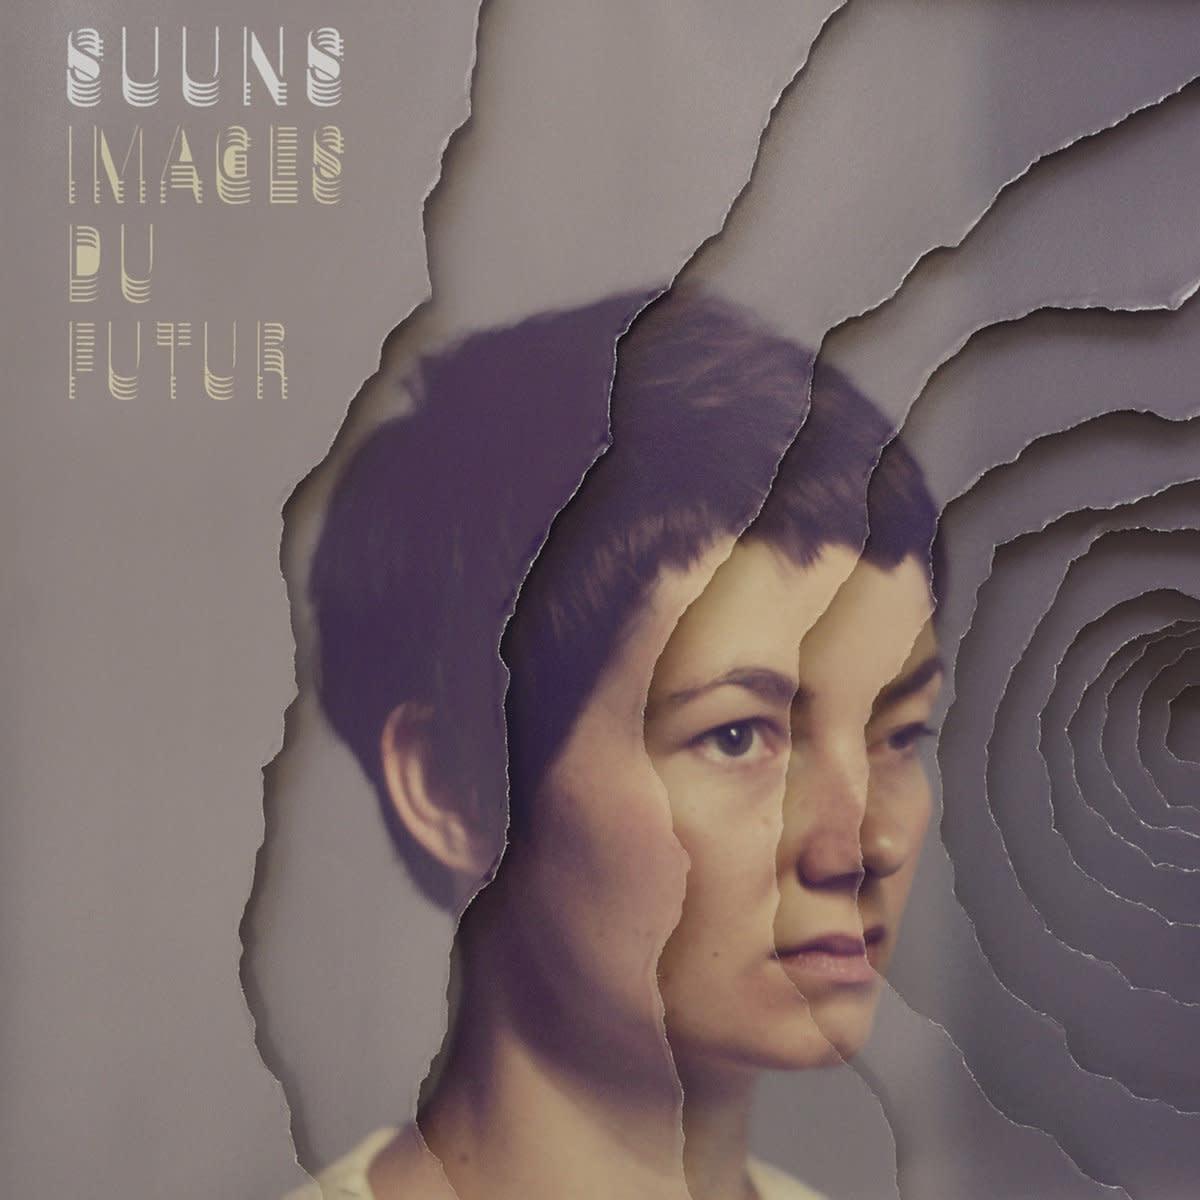 Suuns • Images du Futur-1